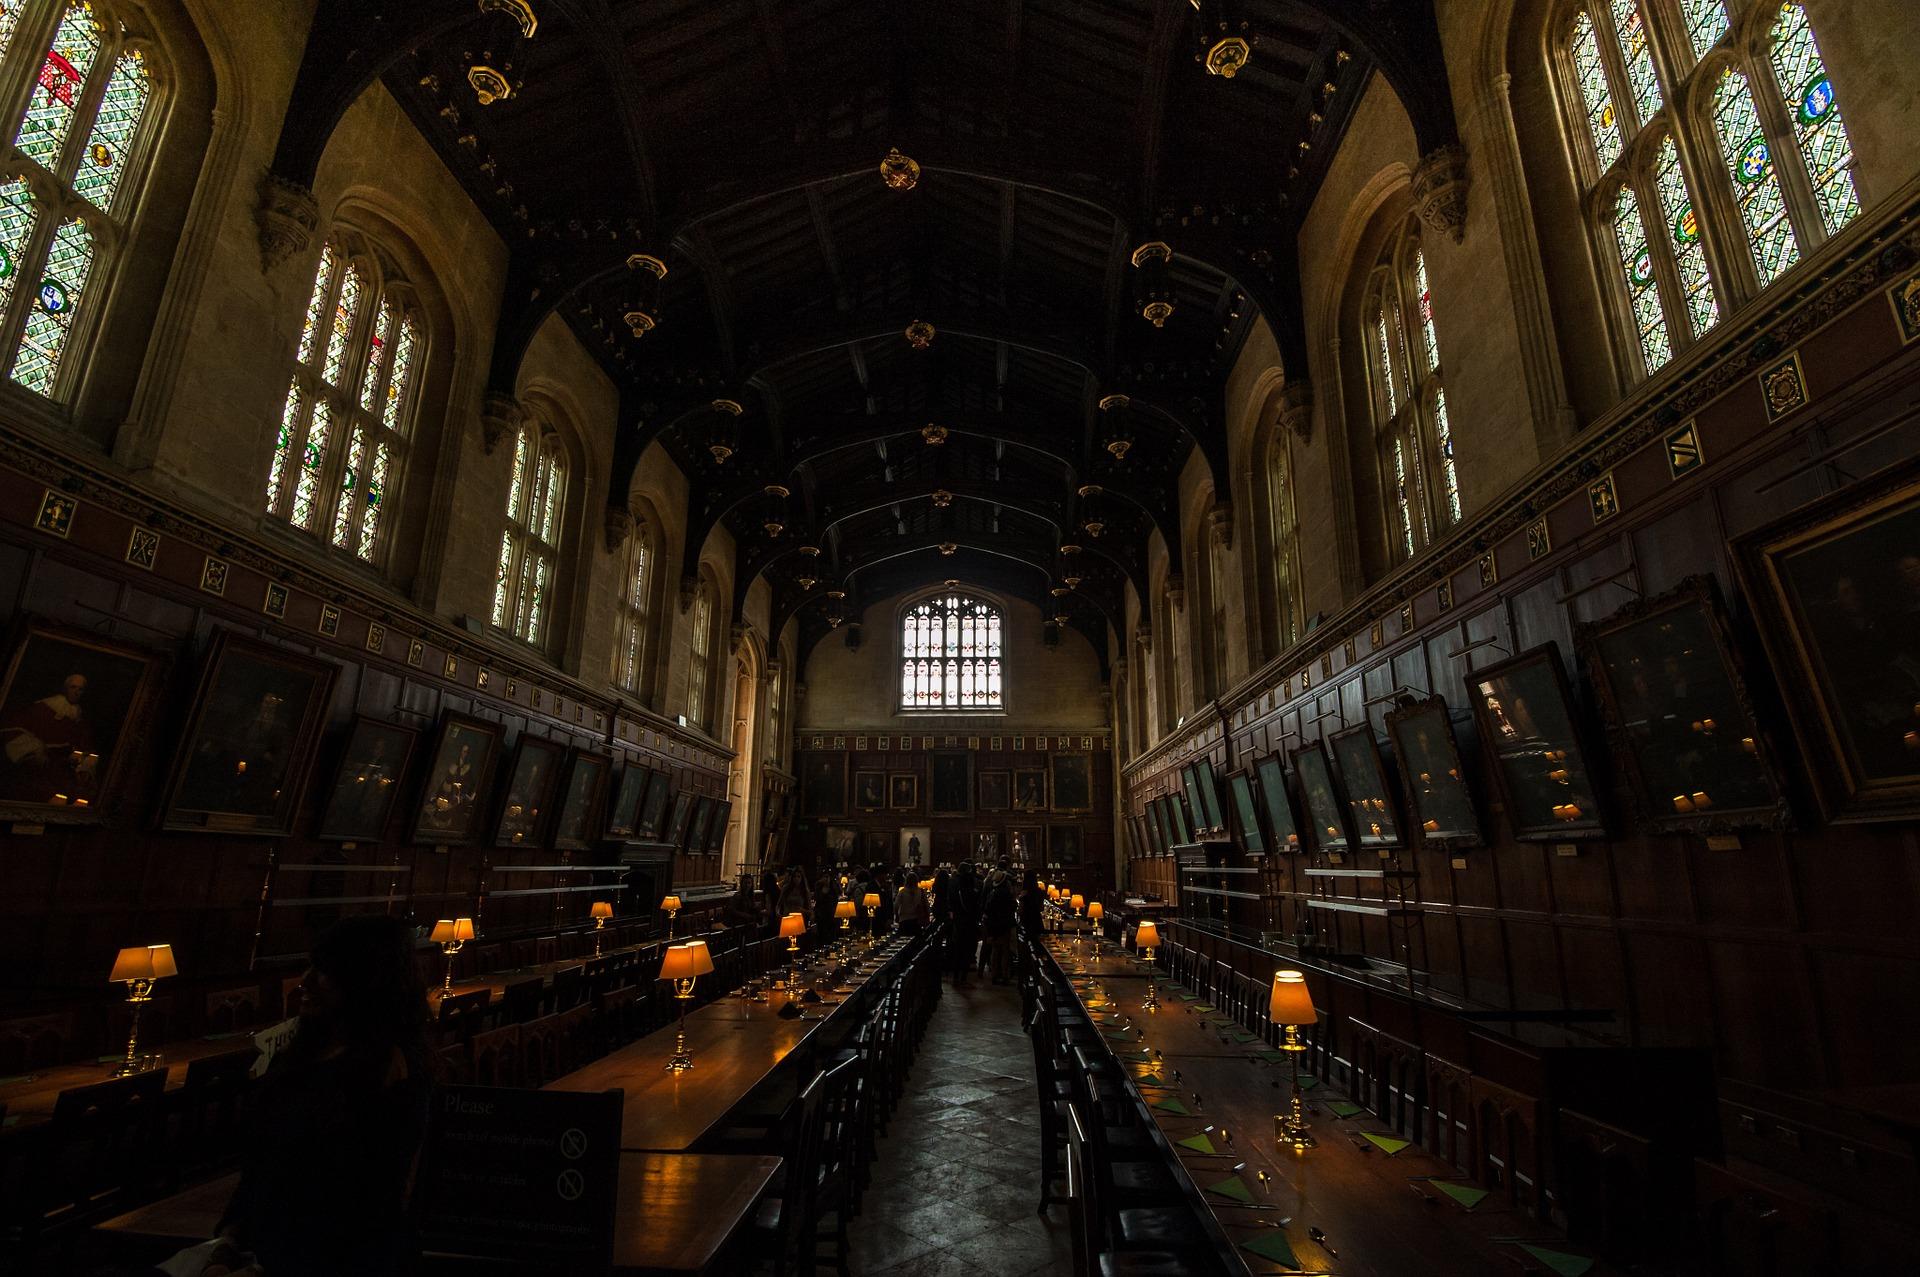 Fantastic Wallpaper Harry Potter Dining Hall - harry-potter-975362_1920  2018_808927.jpg